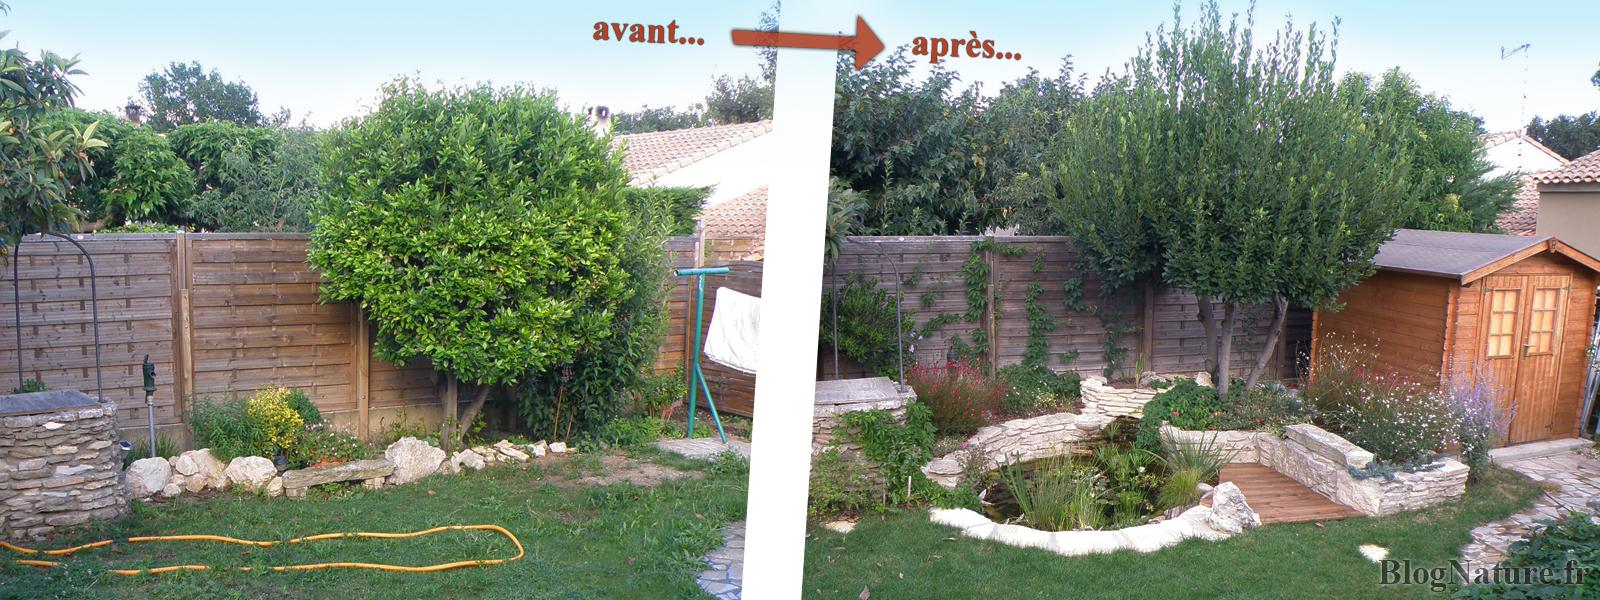 Emejing Bassin De Jardin Facile Ideas - Design Trends 2017 ...